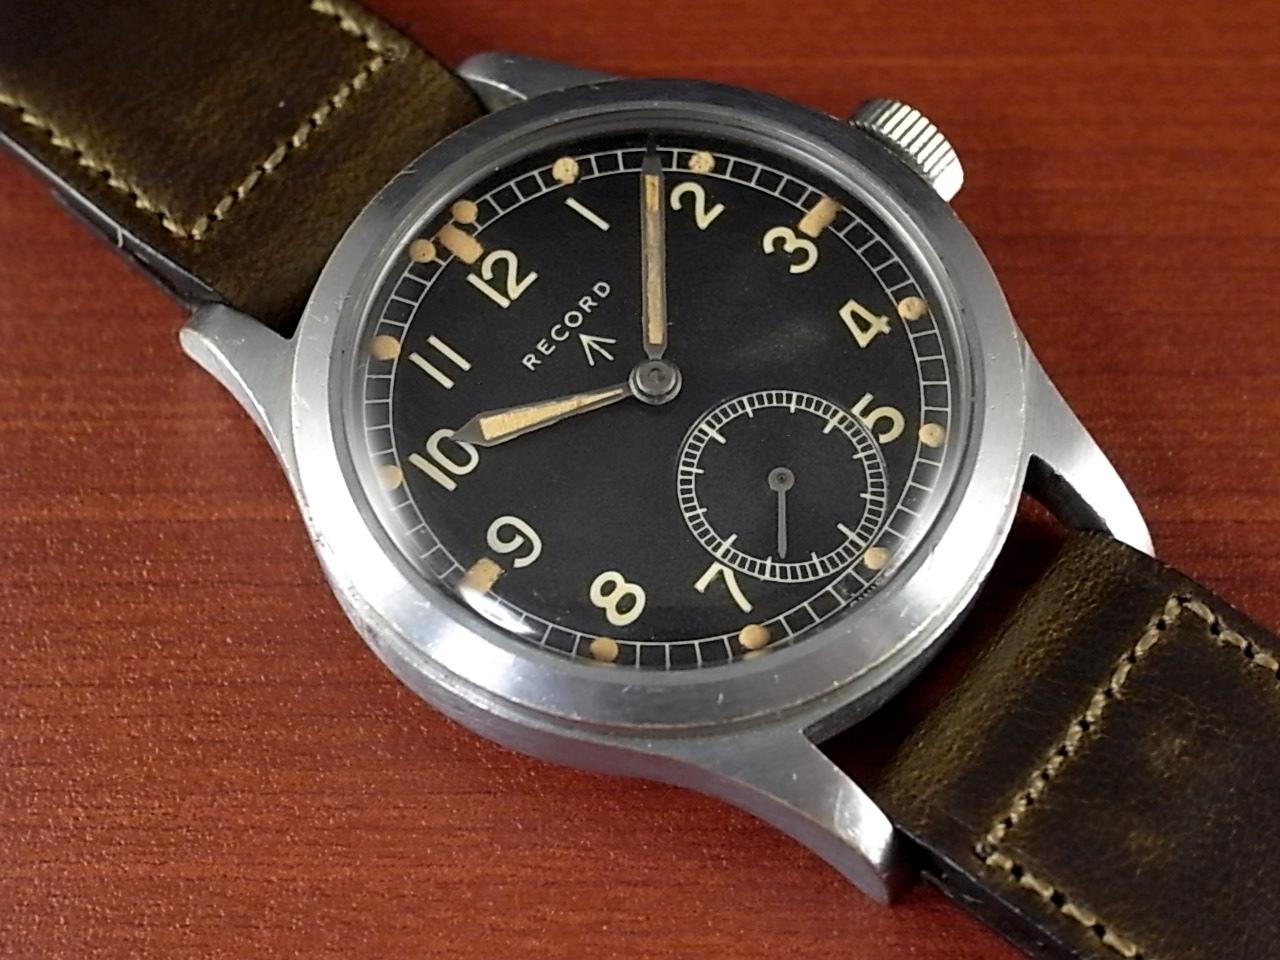 レコード 軍用時計 イギリス陸軍 W.W.W. 第二次世界大戦 1940年代のメイン写真